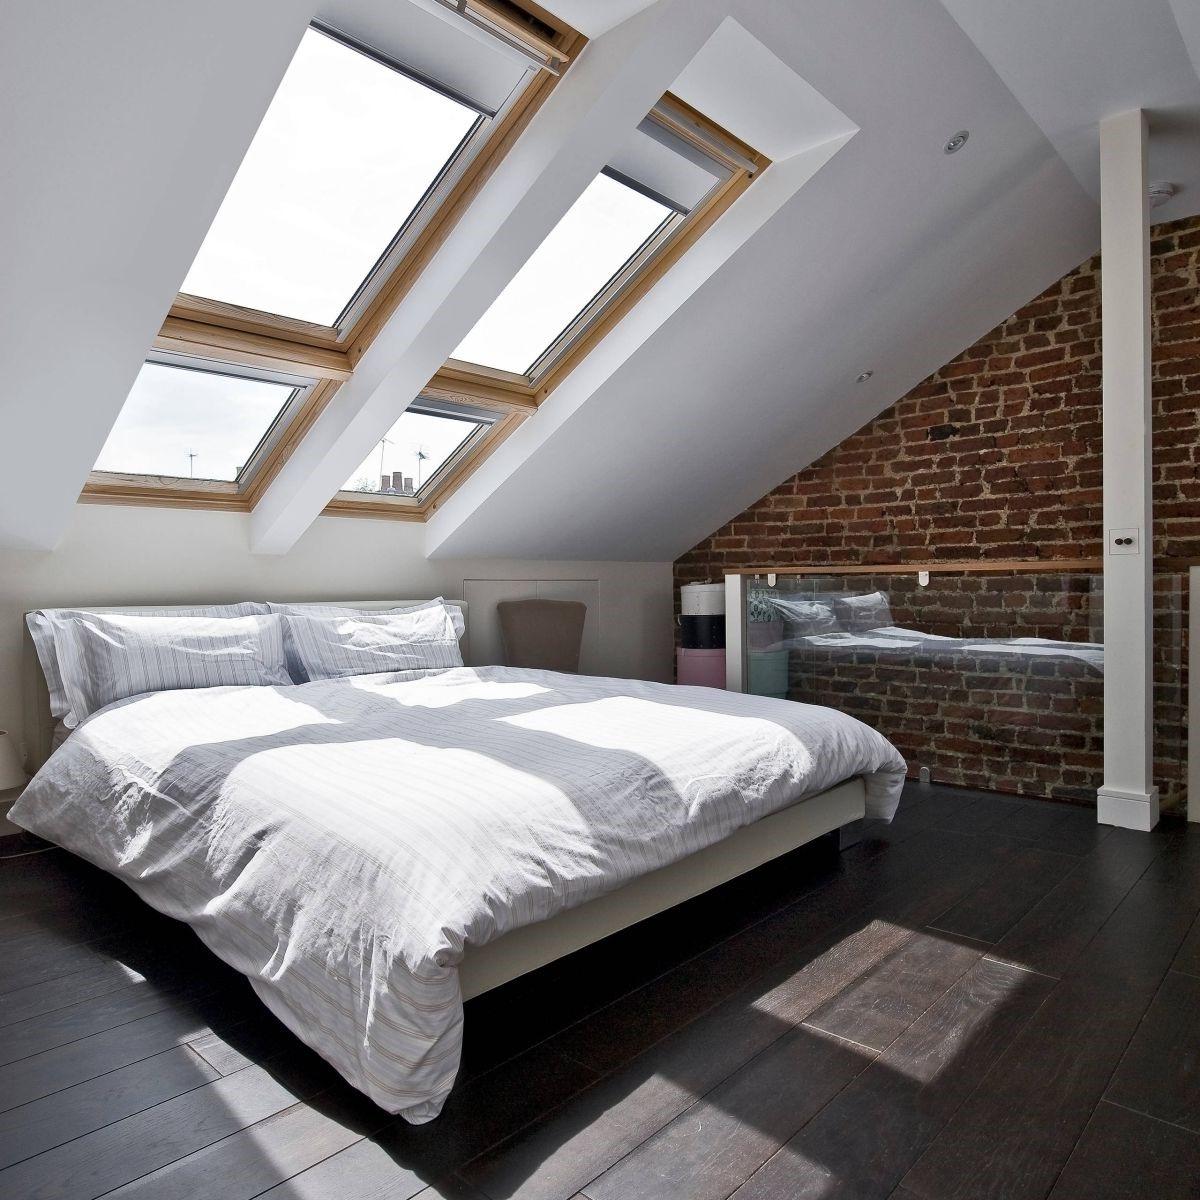 Les greniers dégagent une atmosphère éthérée en raison de leurs lignes architecturales uniques.